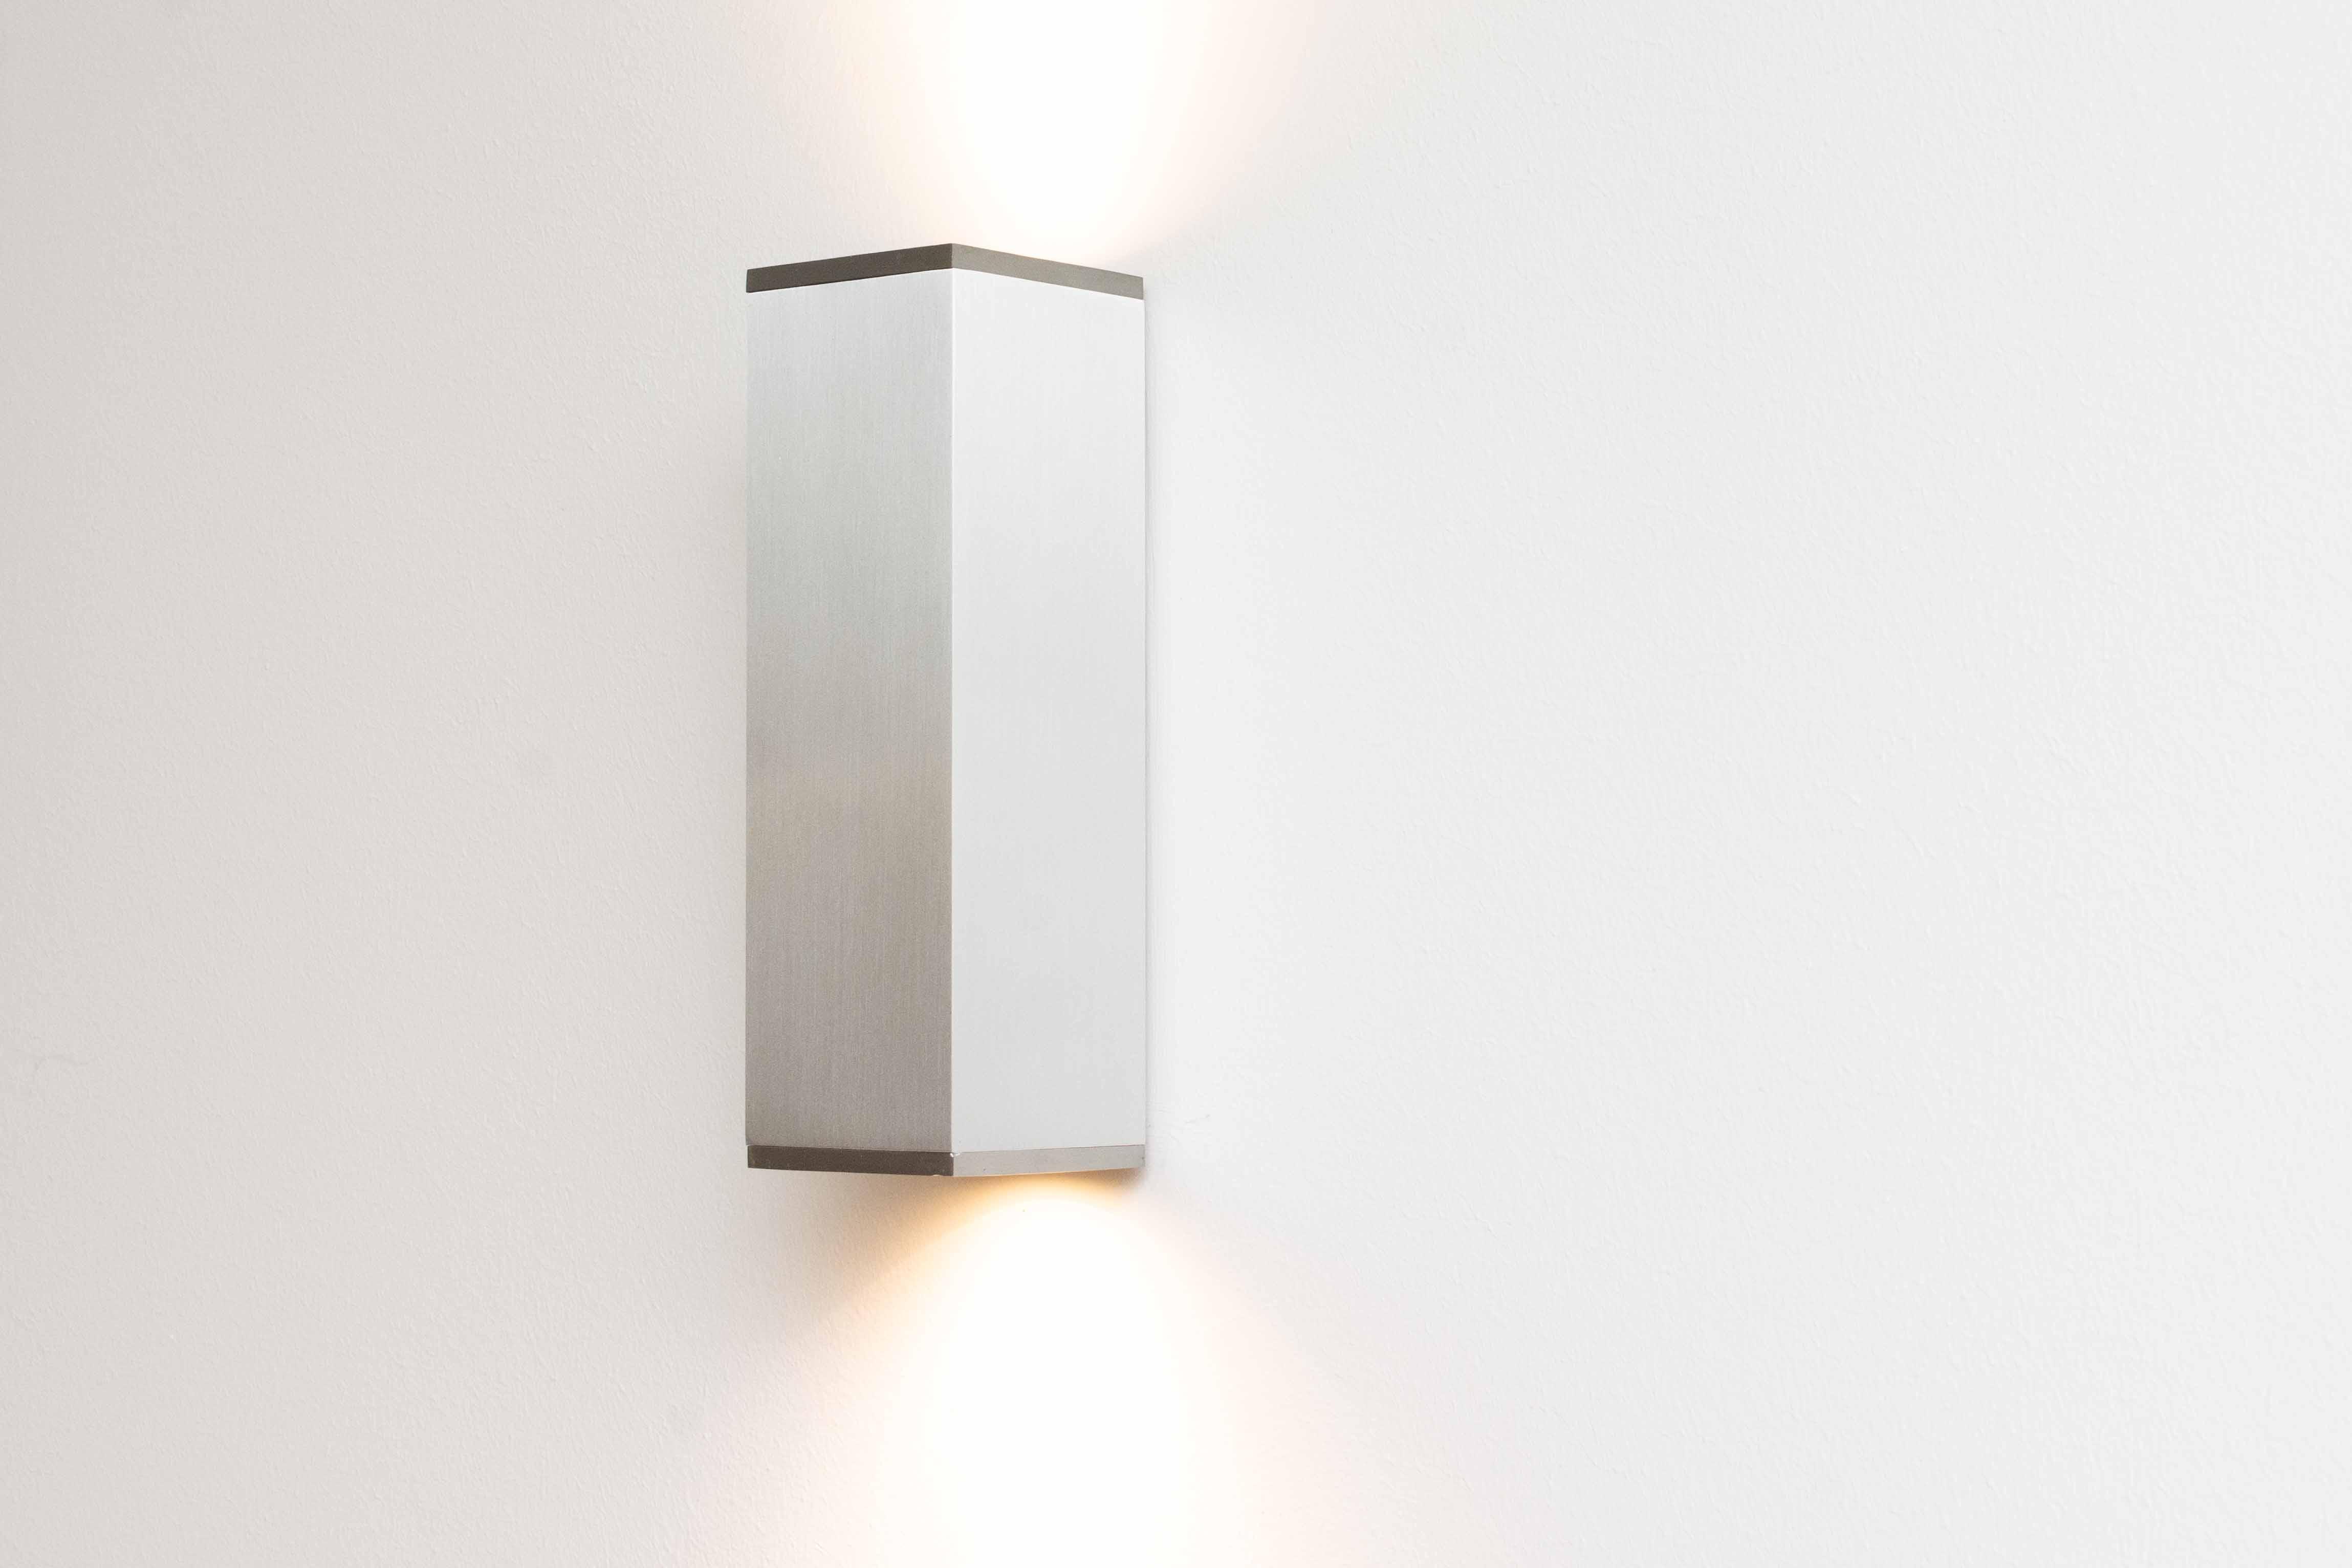 Warmweiß Wandleuchte für Schlafzimmer Korridor Wohnzimmer